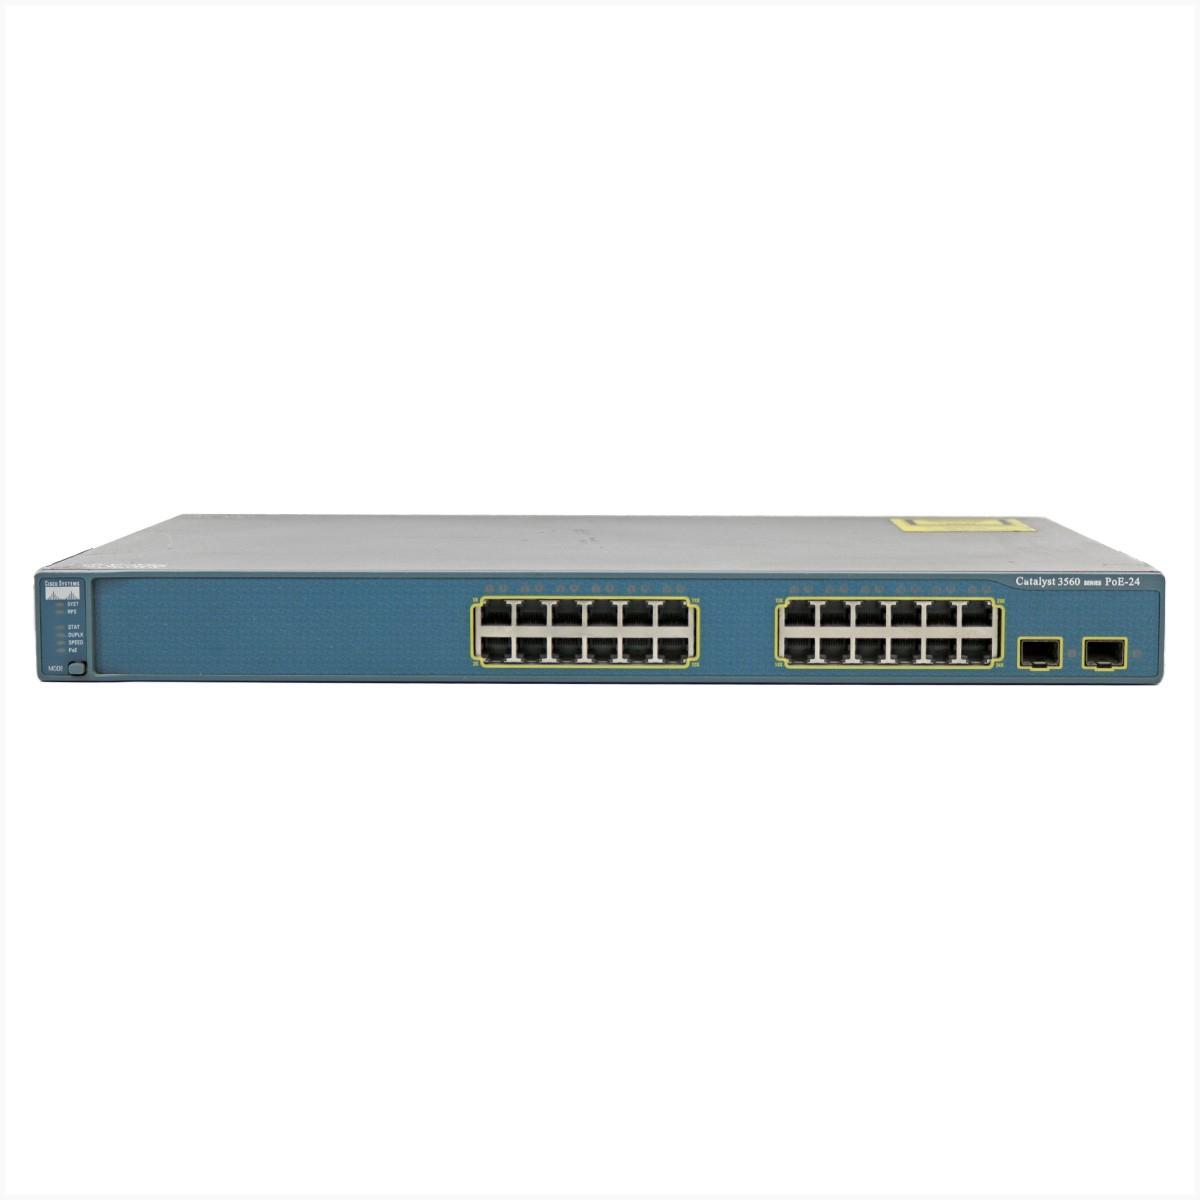 Switch cisco ws-3560-24ps-s gigabit 24 portas - usado